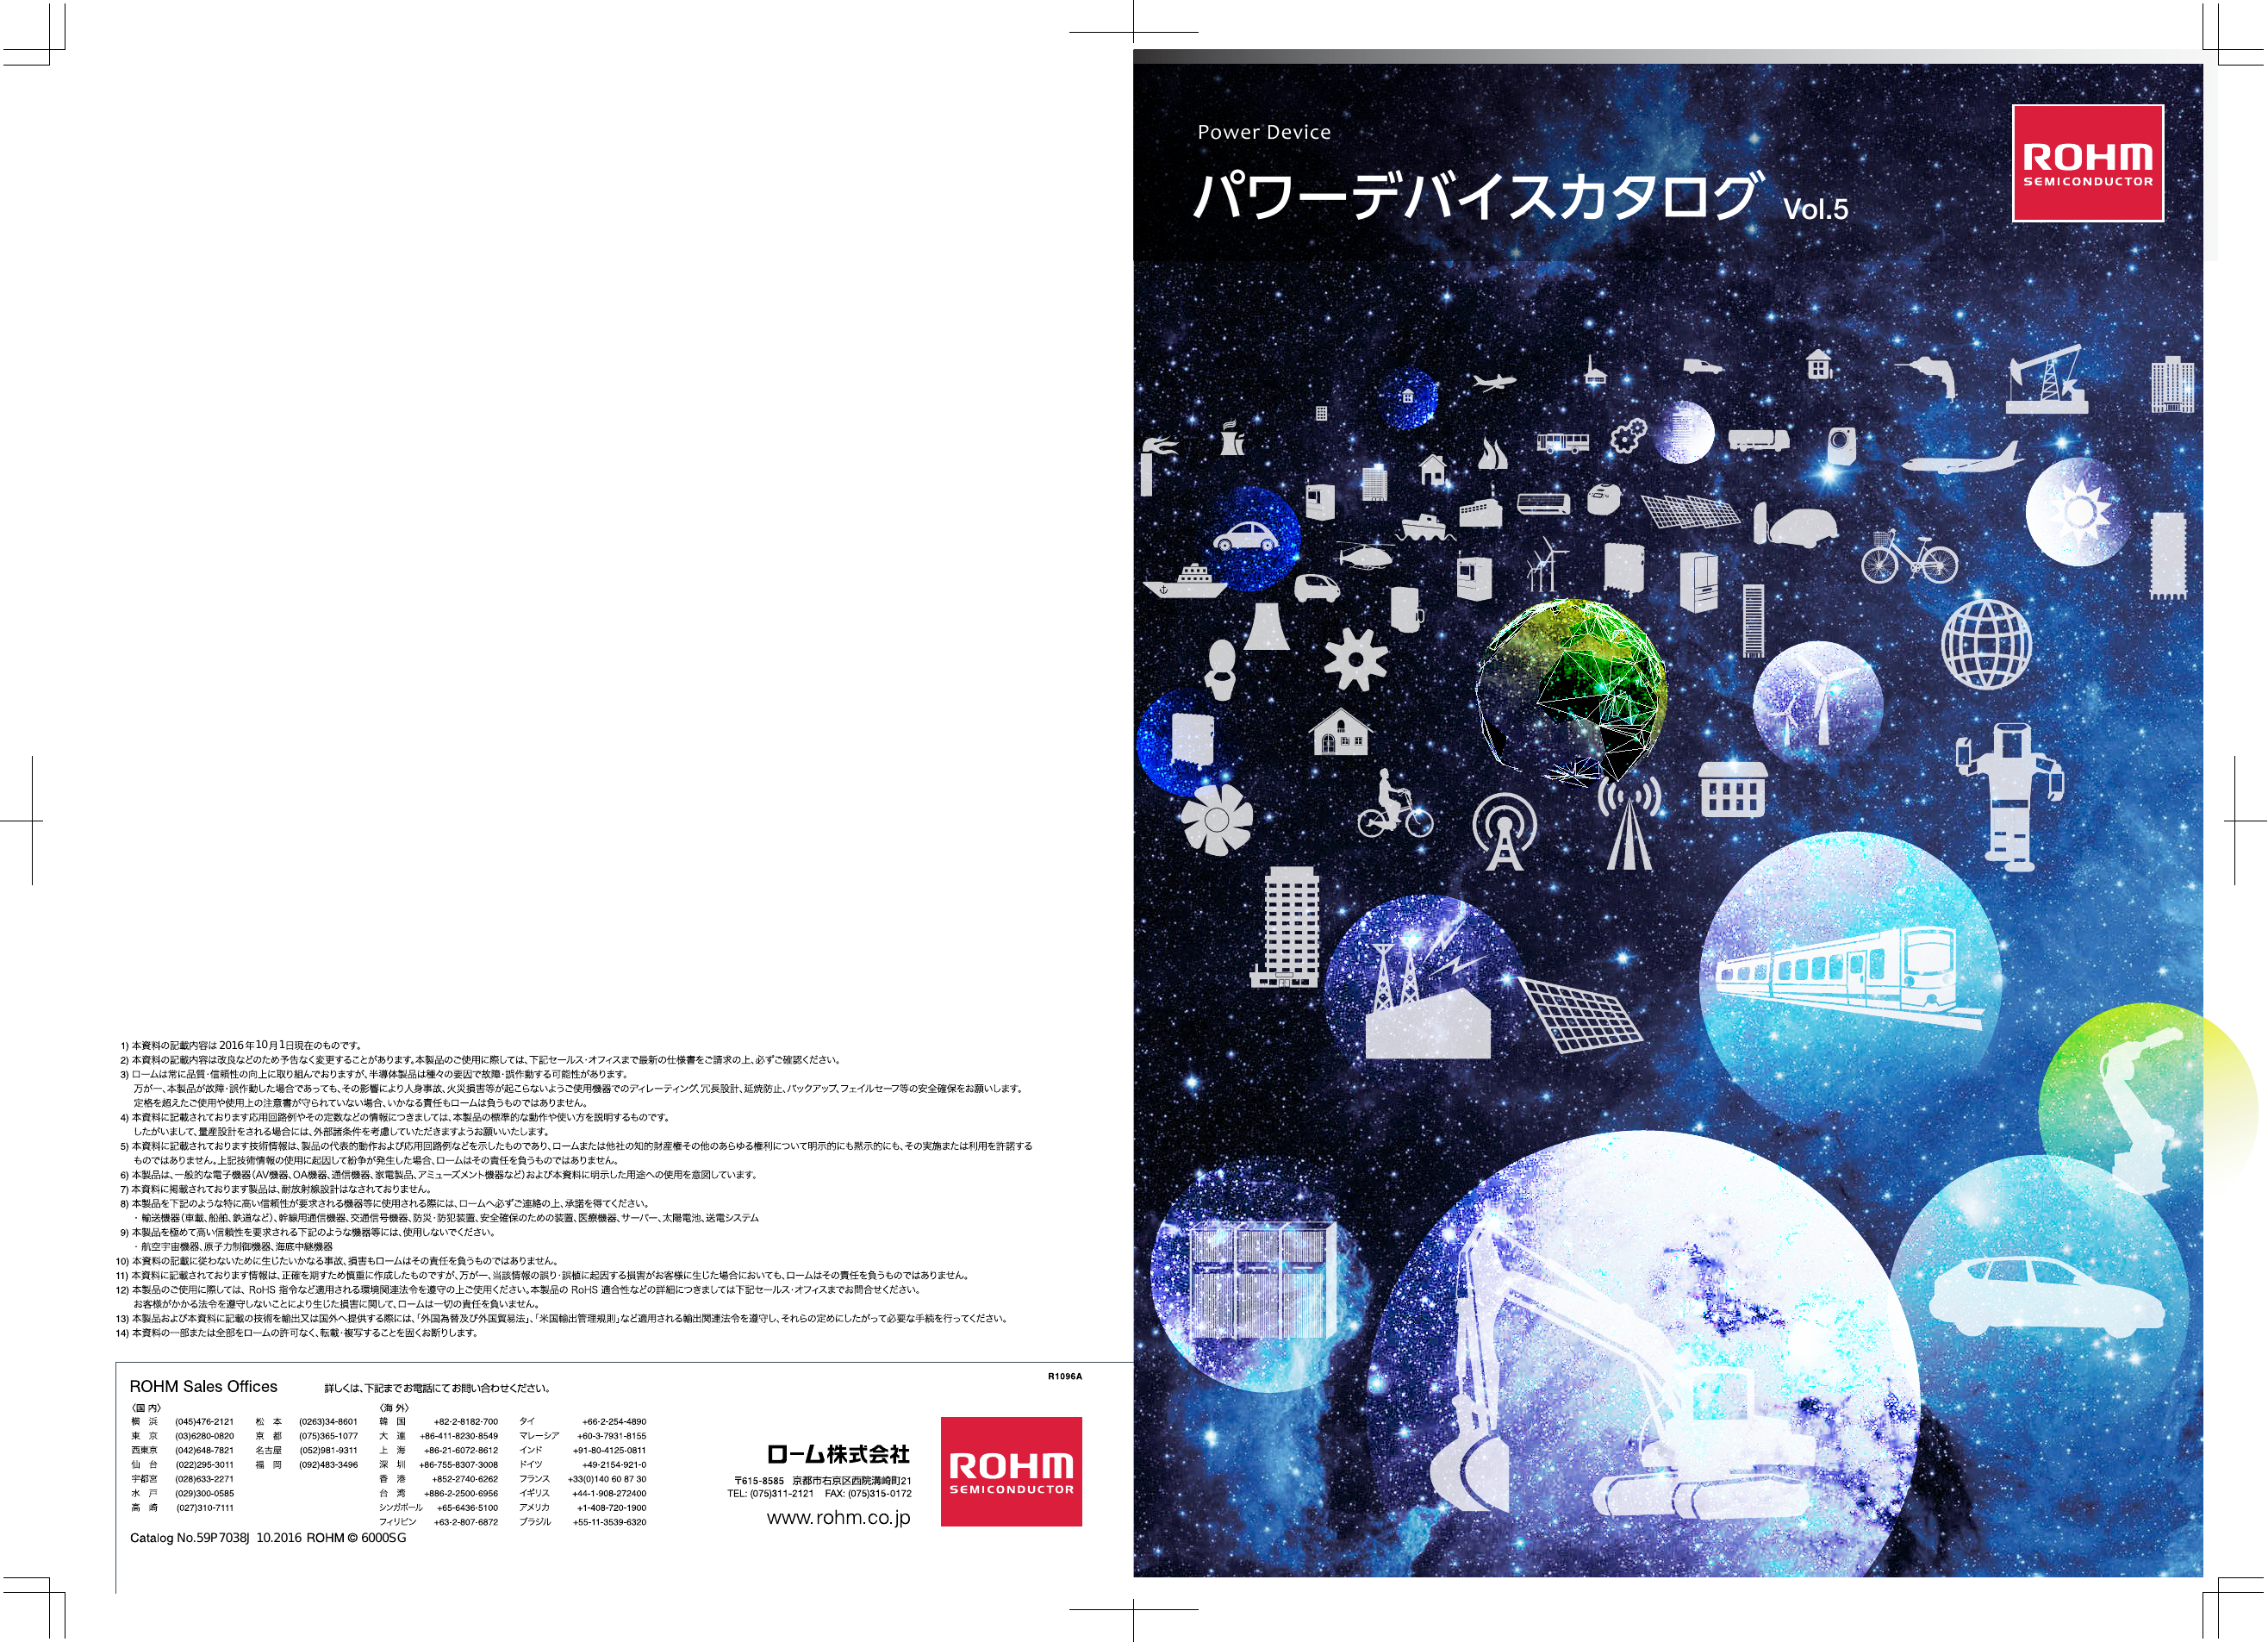 パワーデバイス 総合カタログ